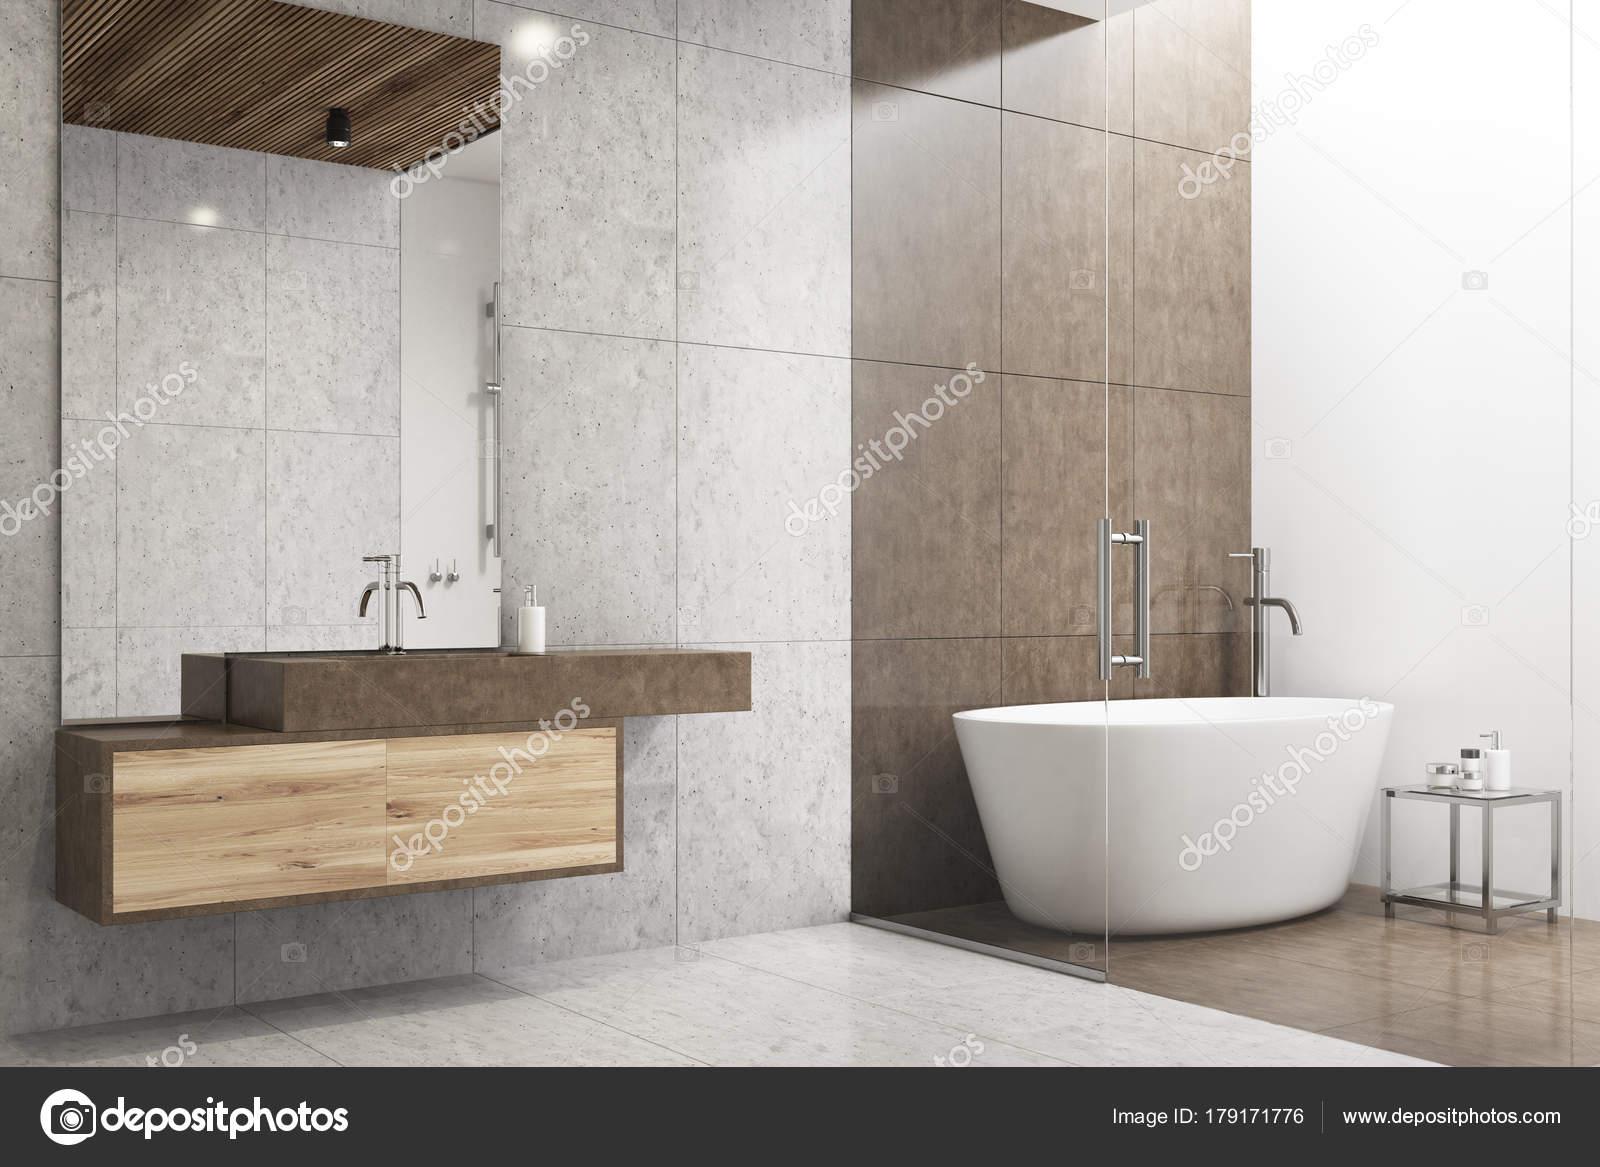 https://st3.depositphotos.com/2673929/17917/i/1600/depositphotos_179171776-stockafbeelding-grijze-en-witte-badkamer-hoek.jpg